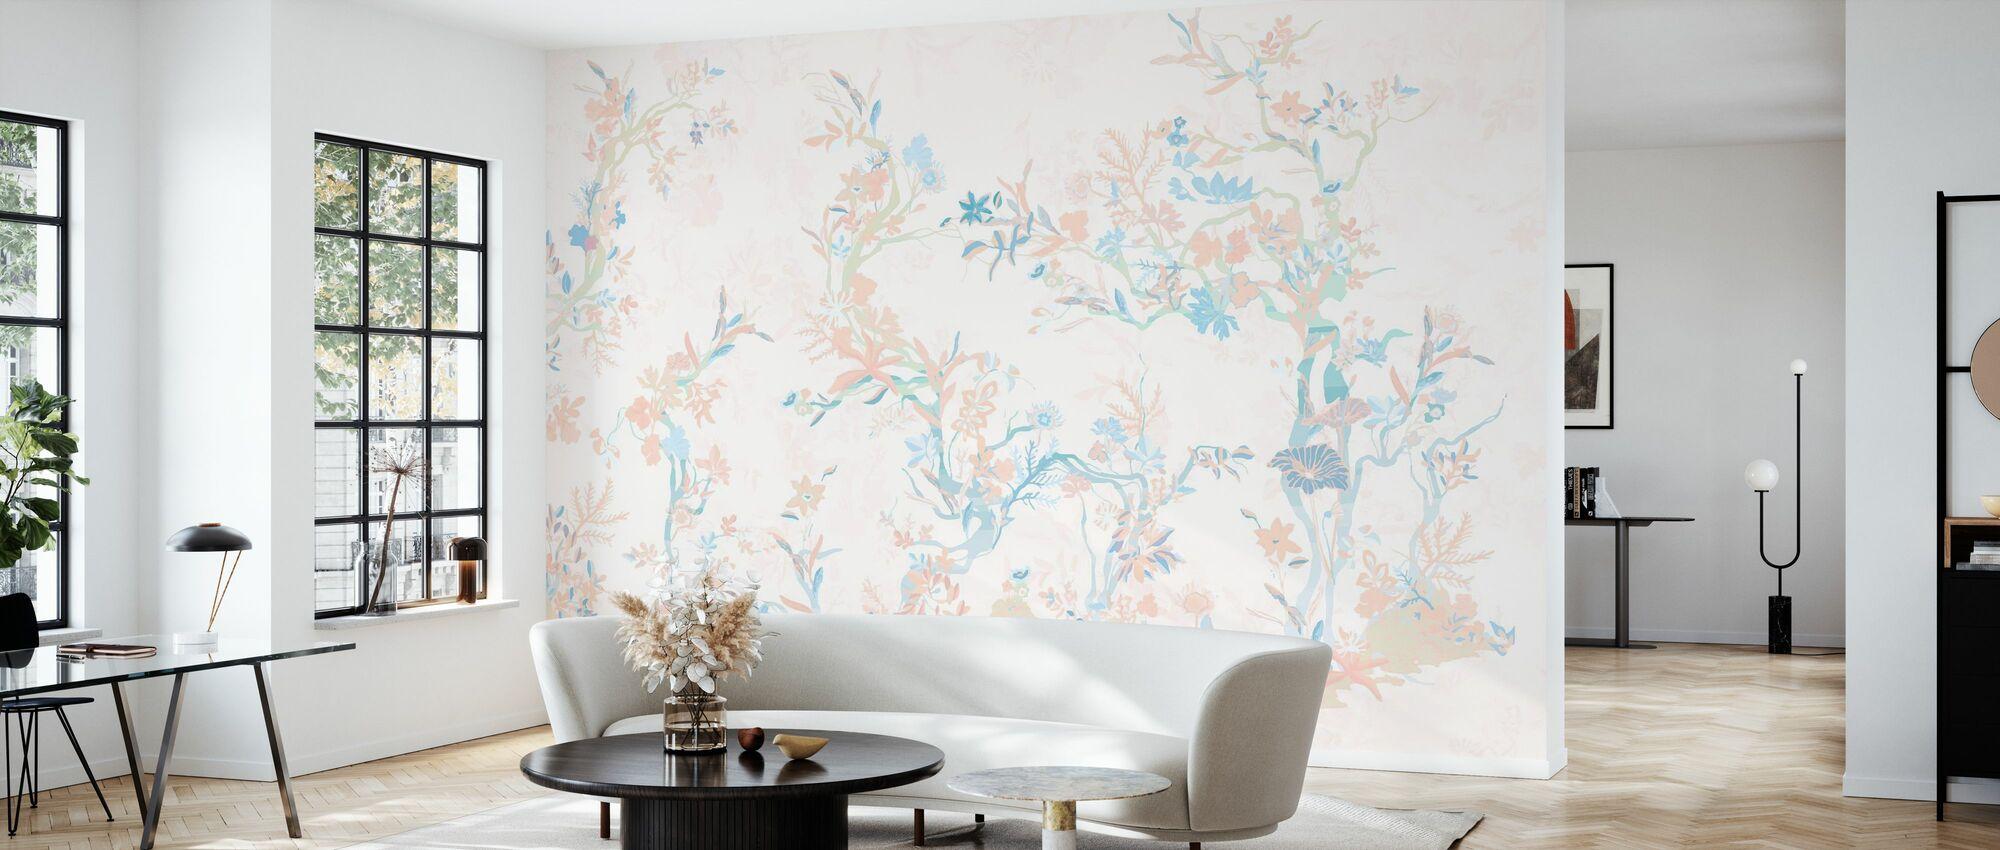 Asiatischer Garten - Tapete - Wohnzimmer